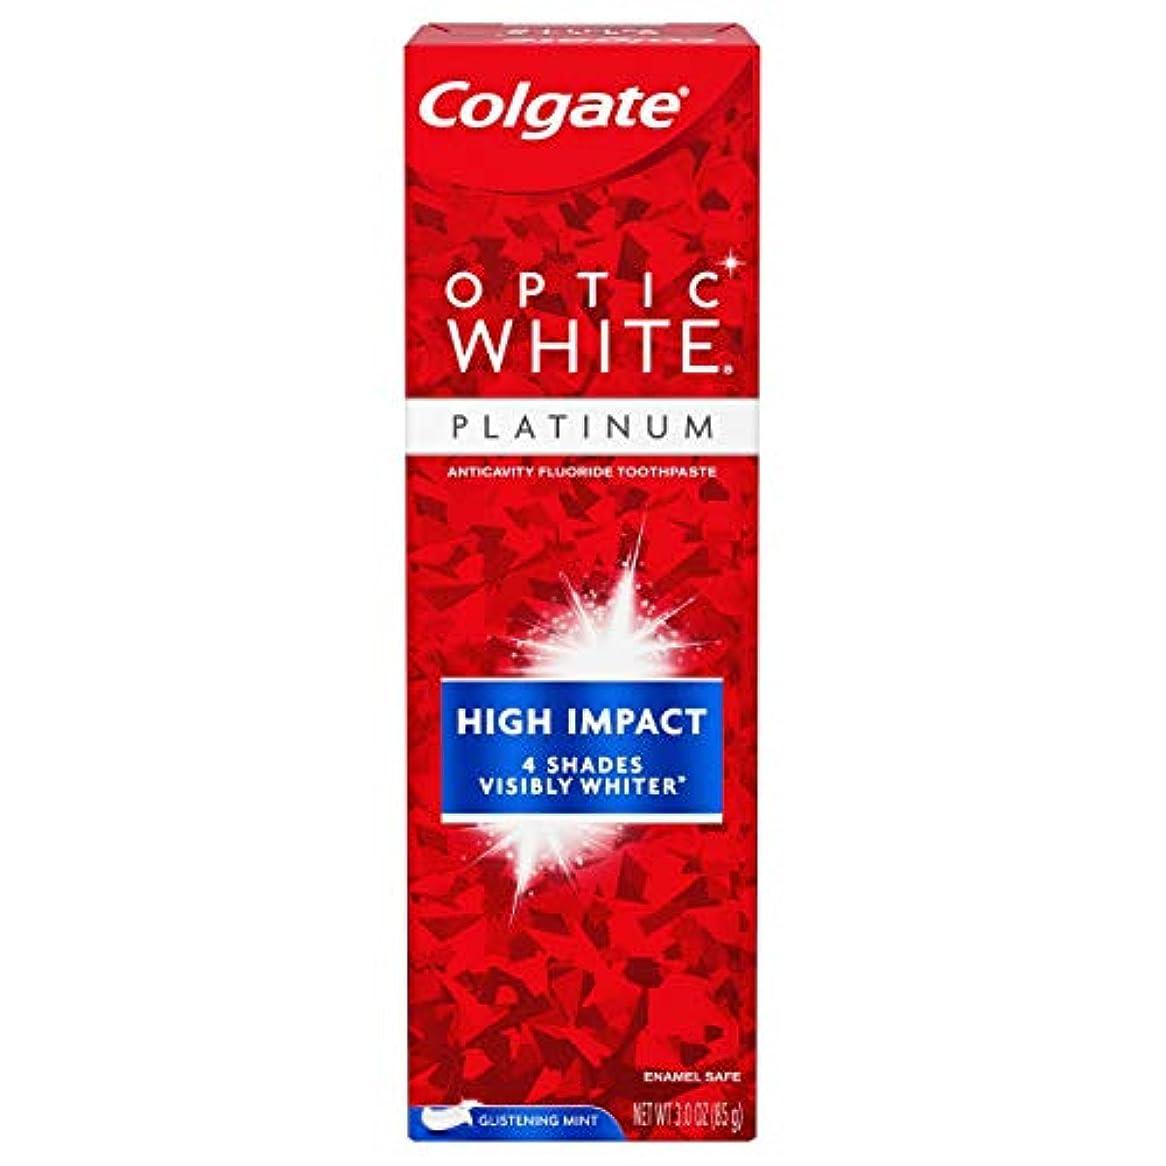 弱い兄弟愛輸送Colgate Optic White High Impact White 練り歯磨き [並行輸入品]